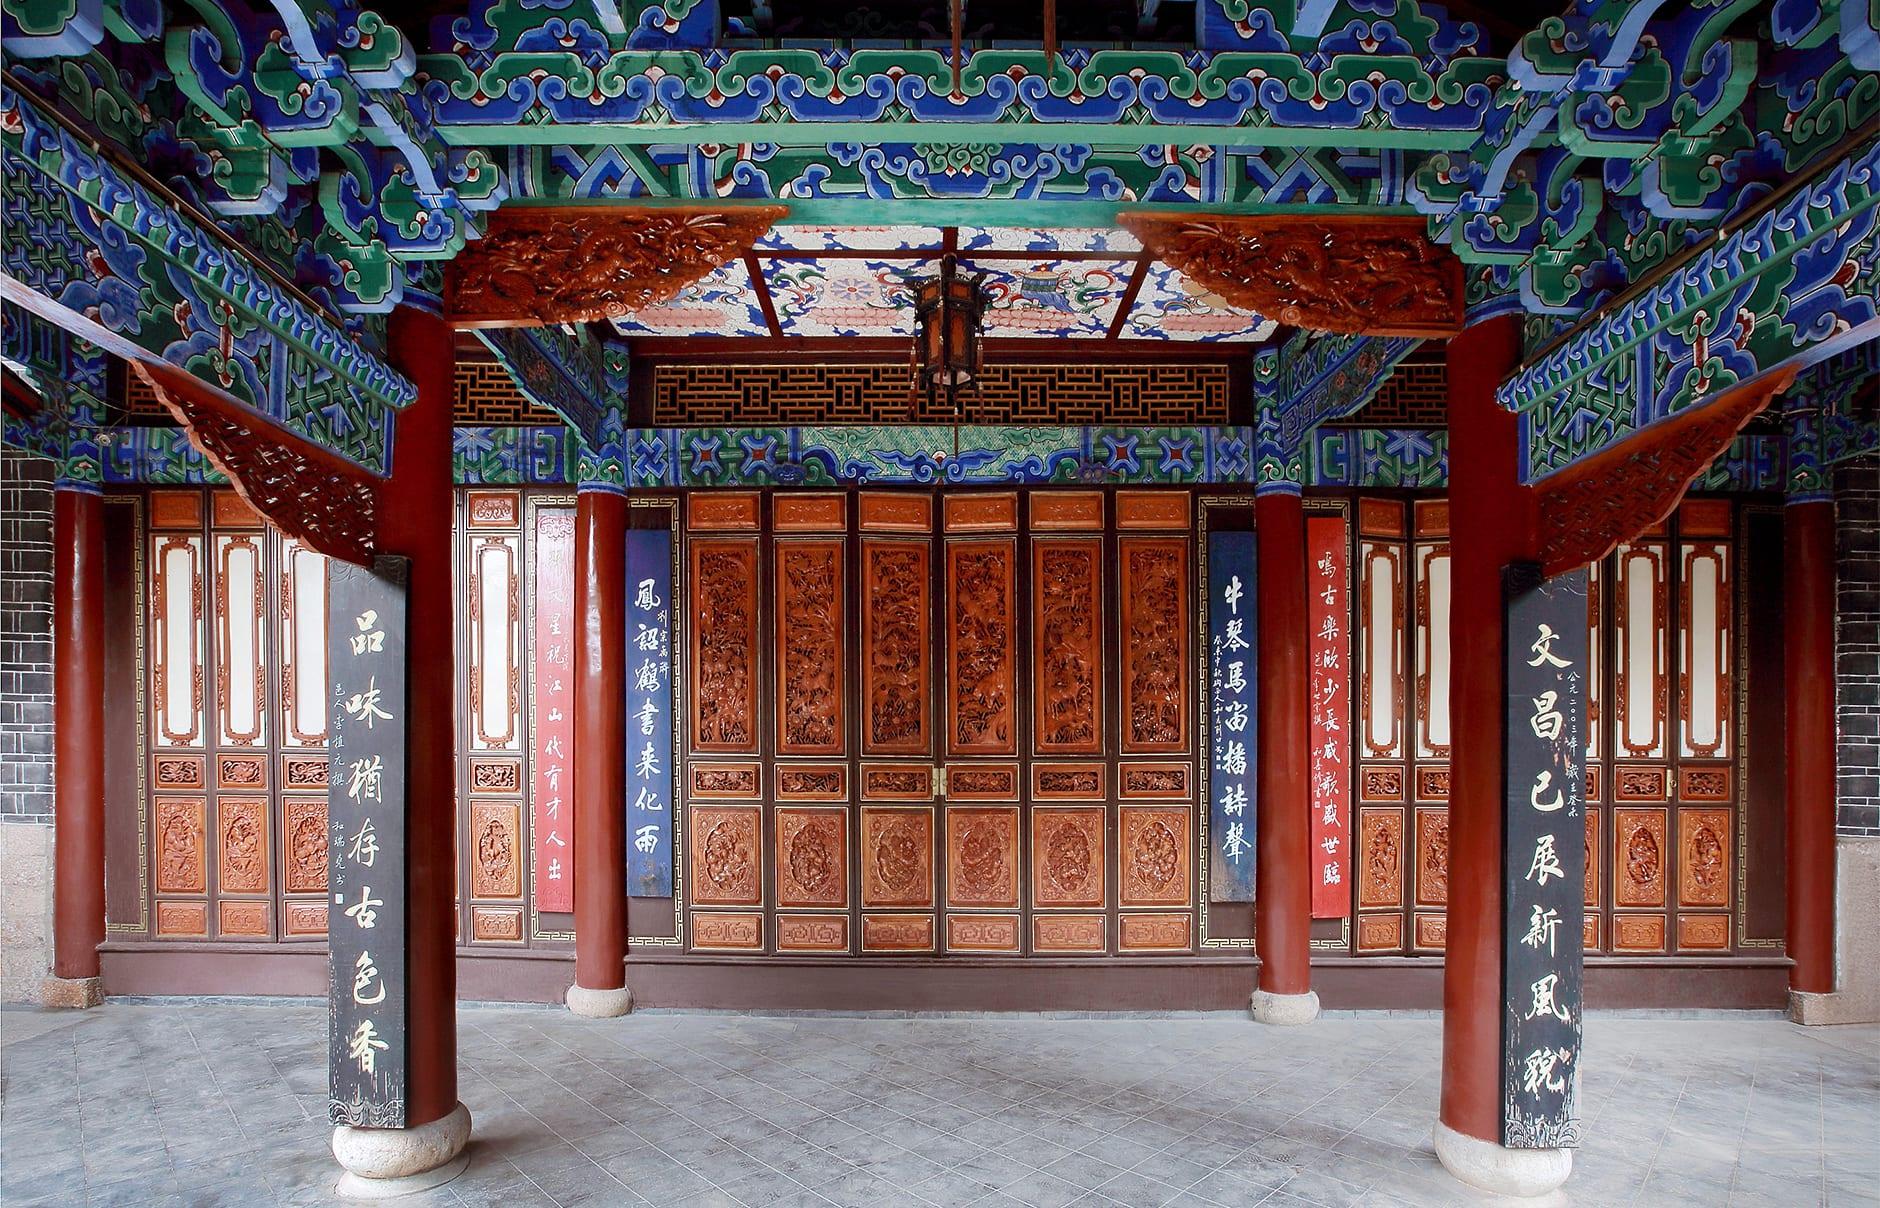 Amandayan - Wenchang Palace. Amandayan, Lijiang, China. © Amanresorts